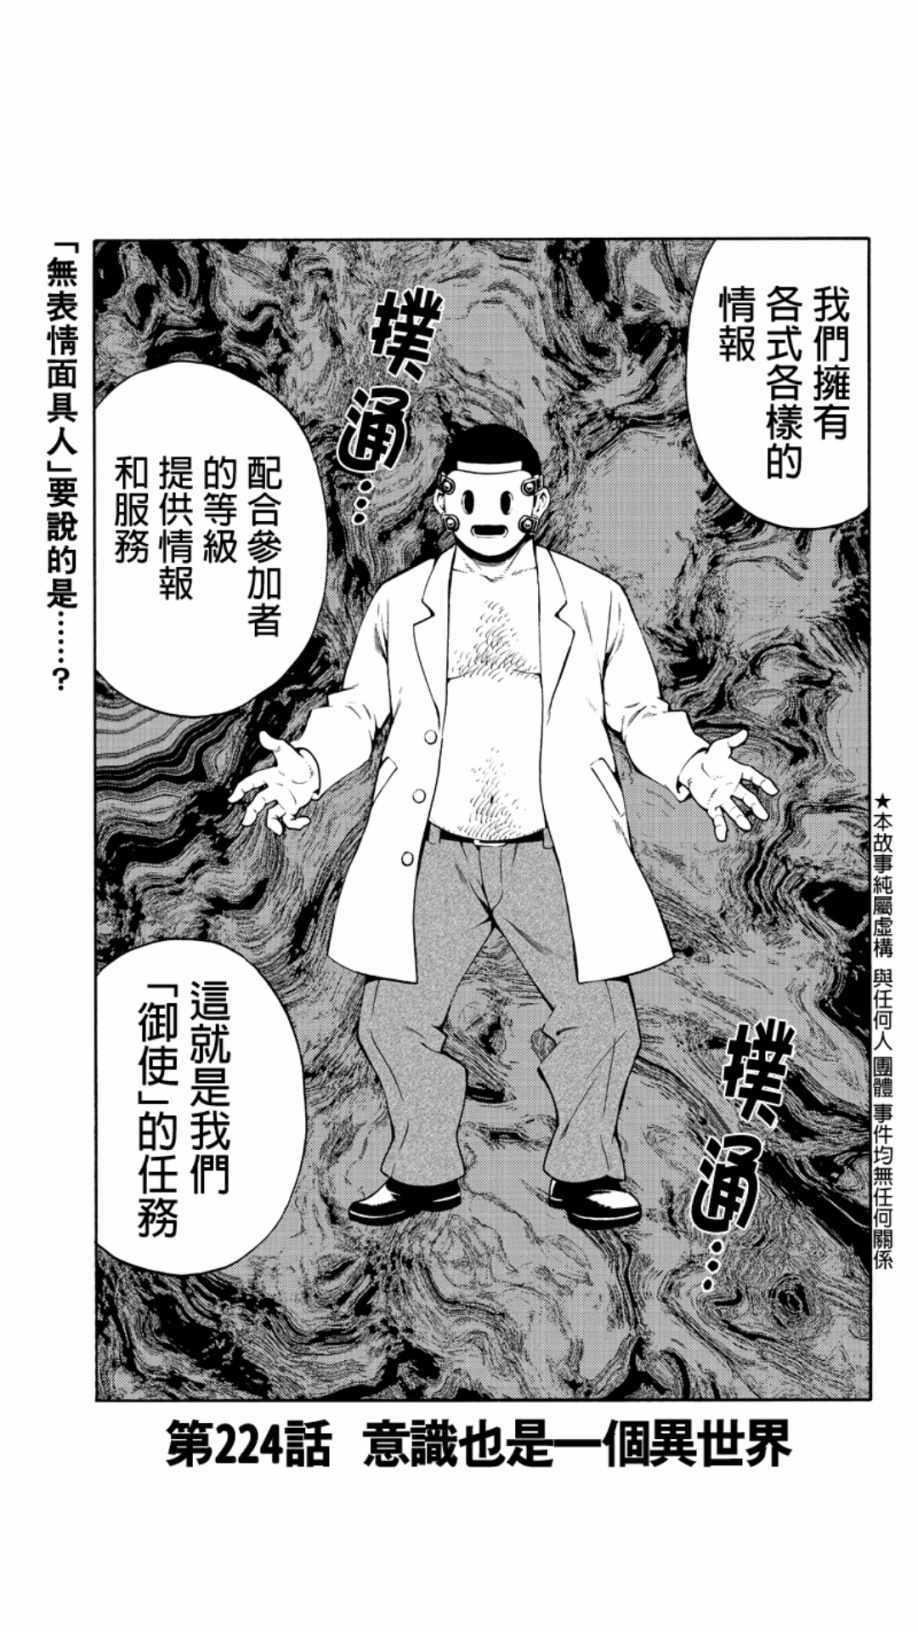 空中殺人鬼漫畫225話(第1頁)_空中殺人鬼225話劇情-看漫畫